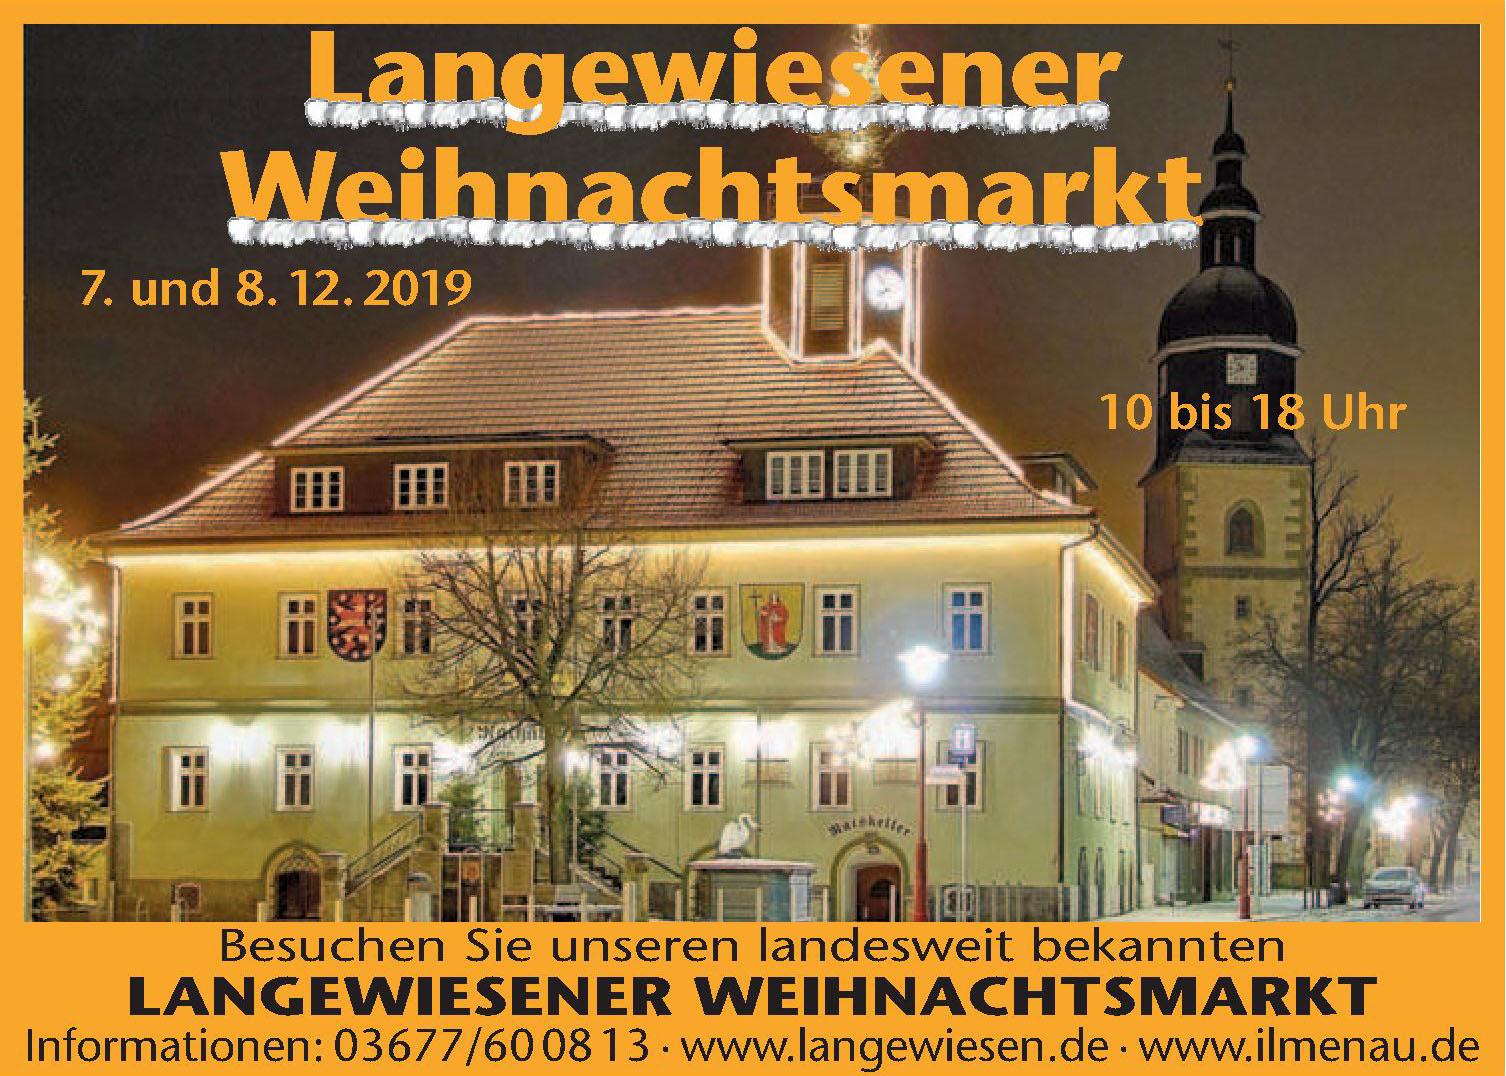 Langewiesener Weihnachtsmarkt